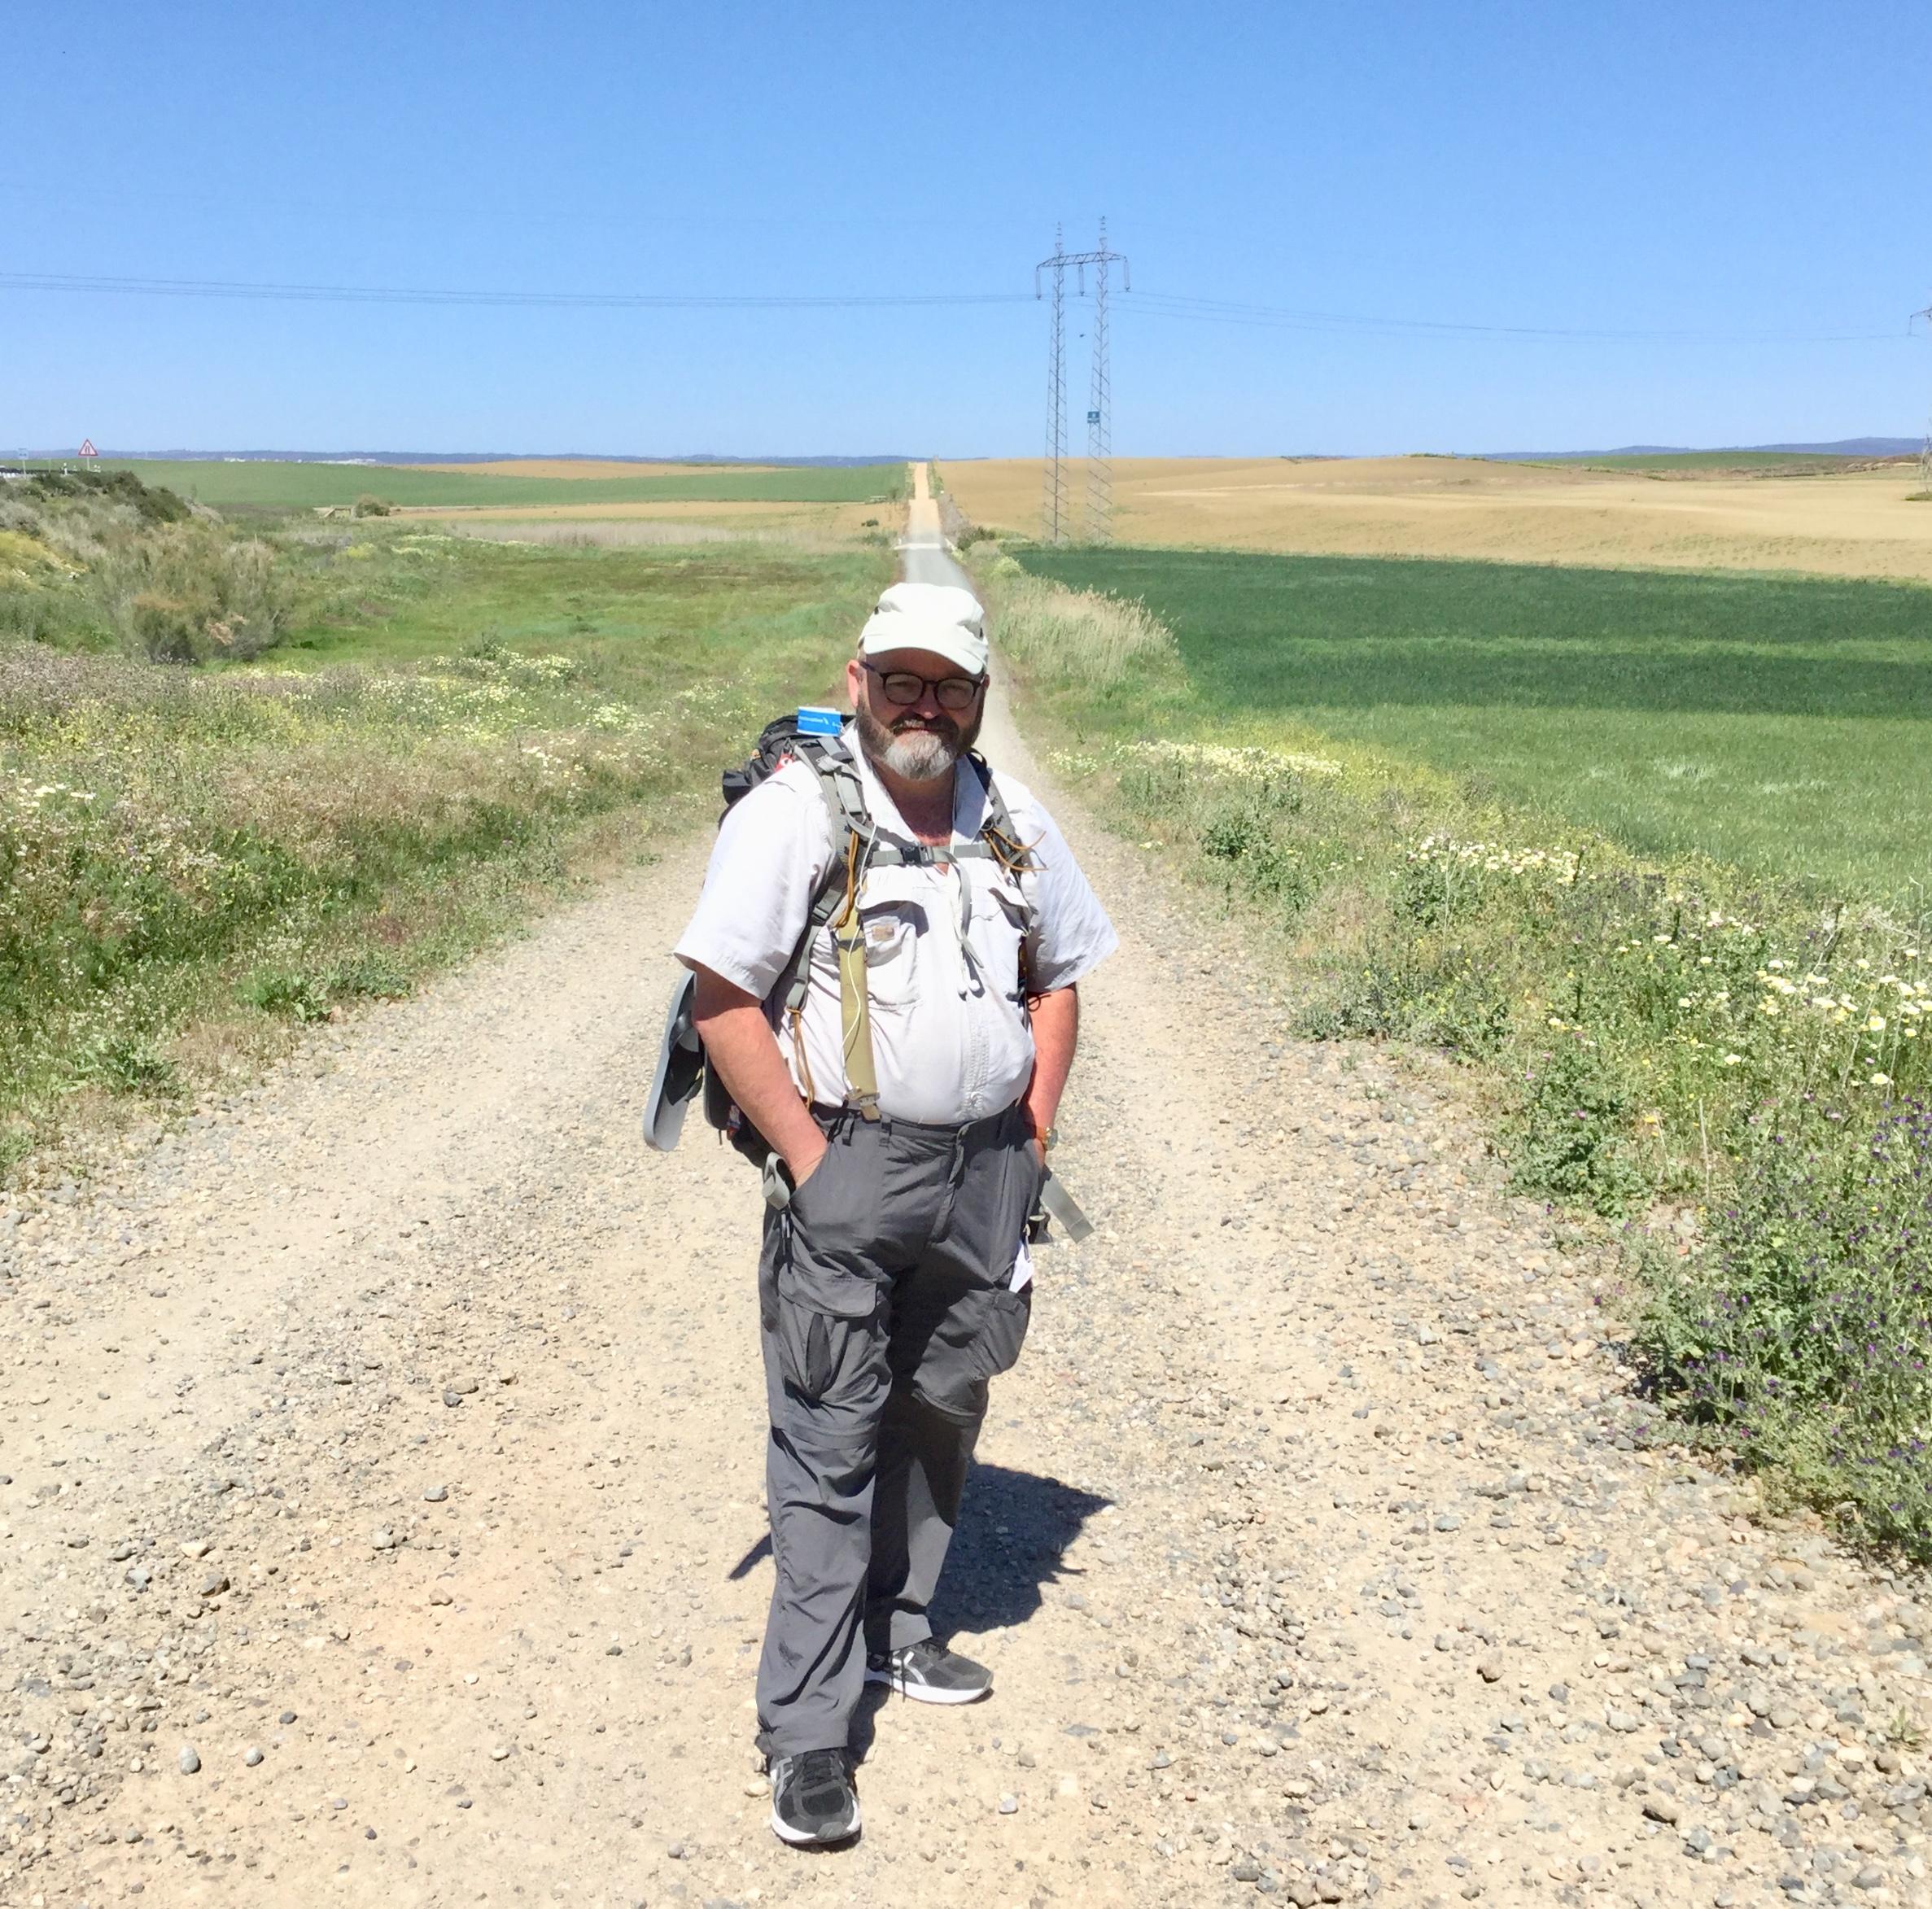 John Larimer on the Camino Via de la Plata